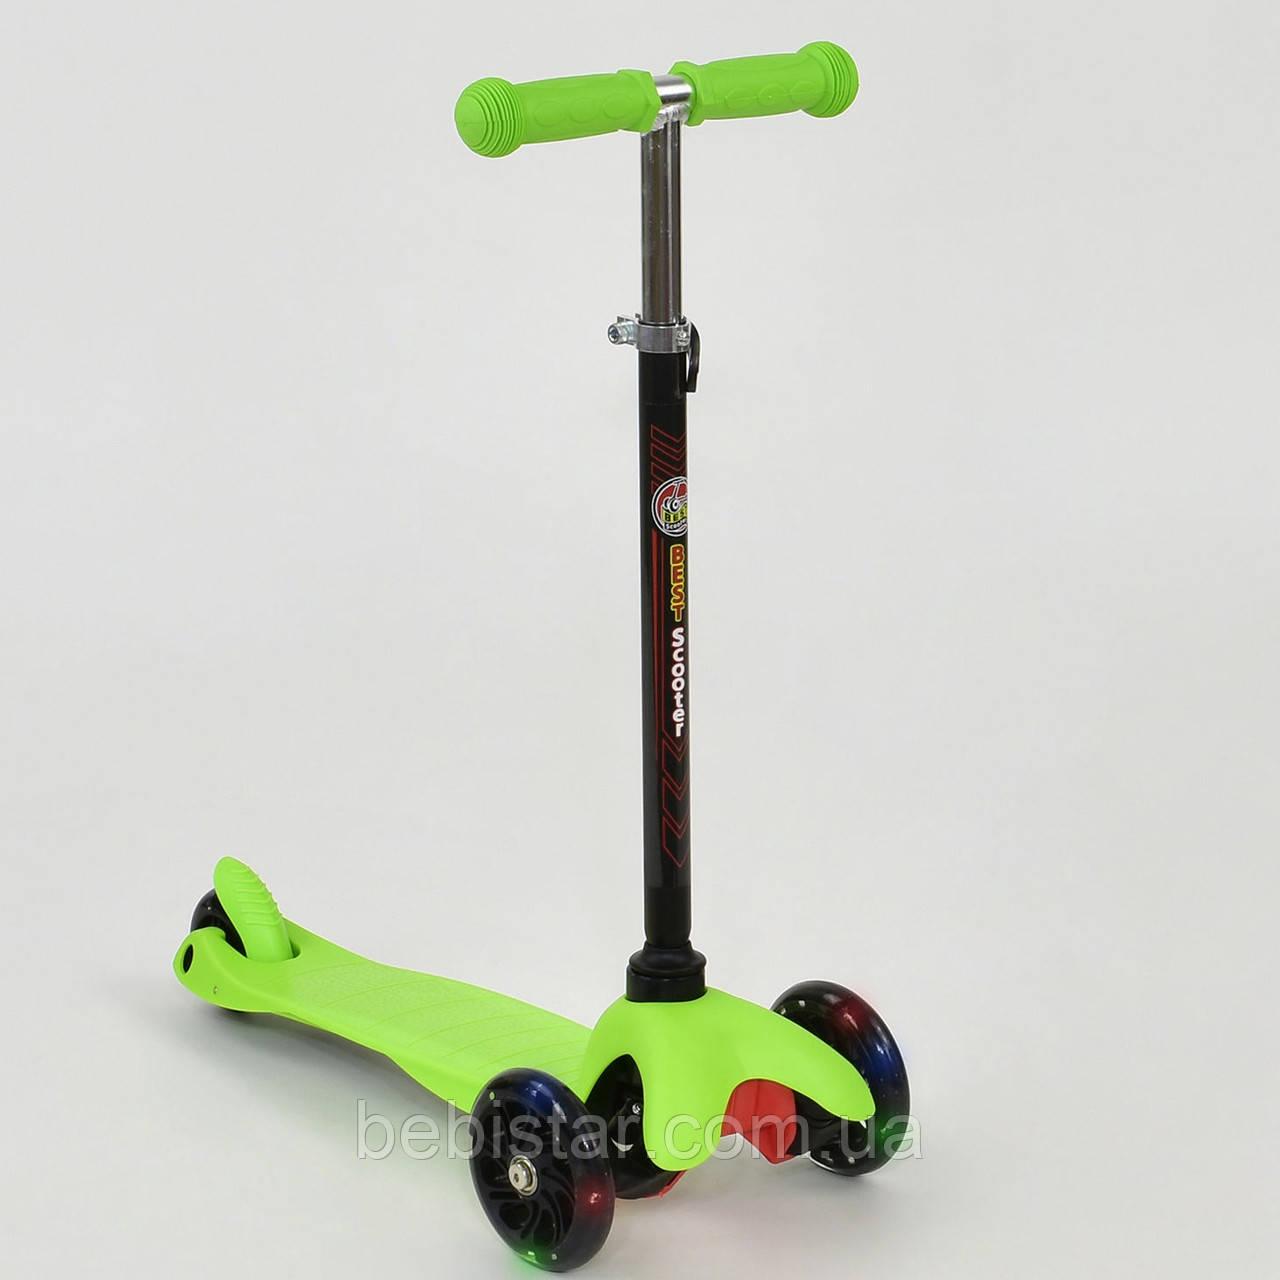 Самокат трехколесный детский светящиеся колеса салатово-черный от 2 до 5 лет